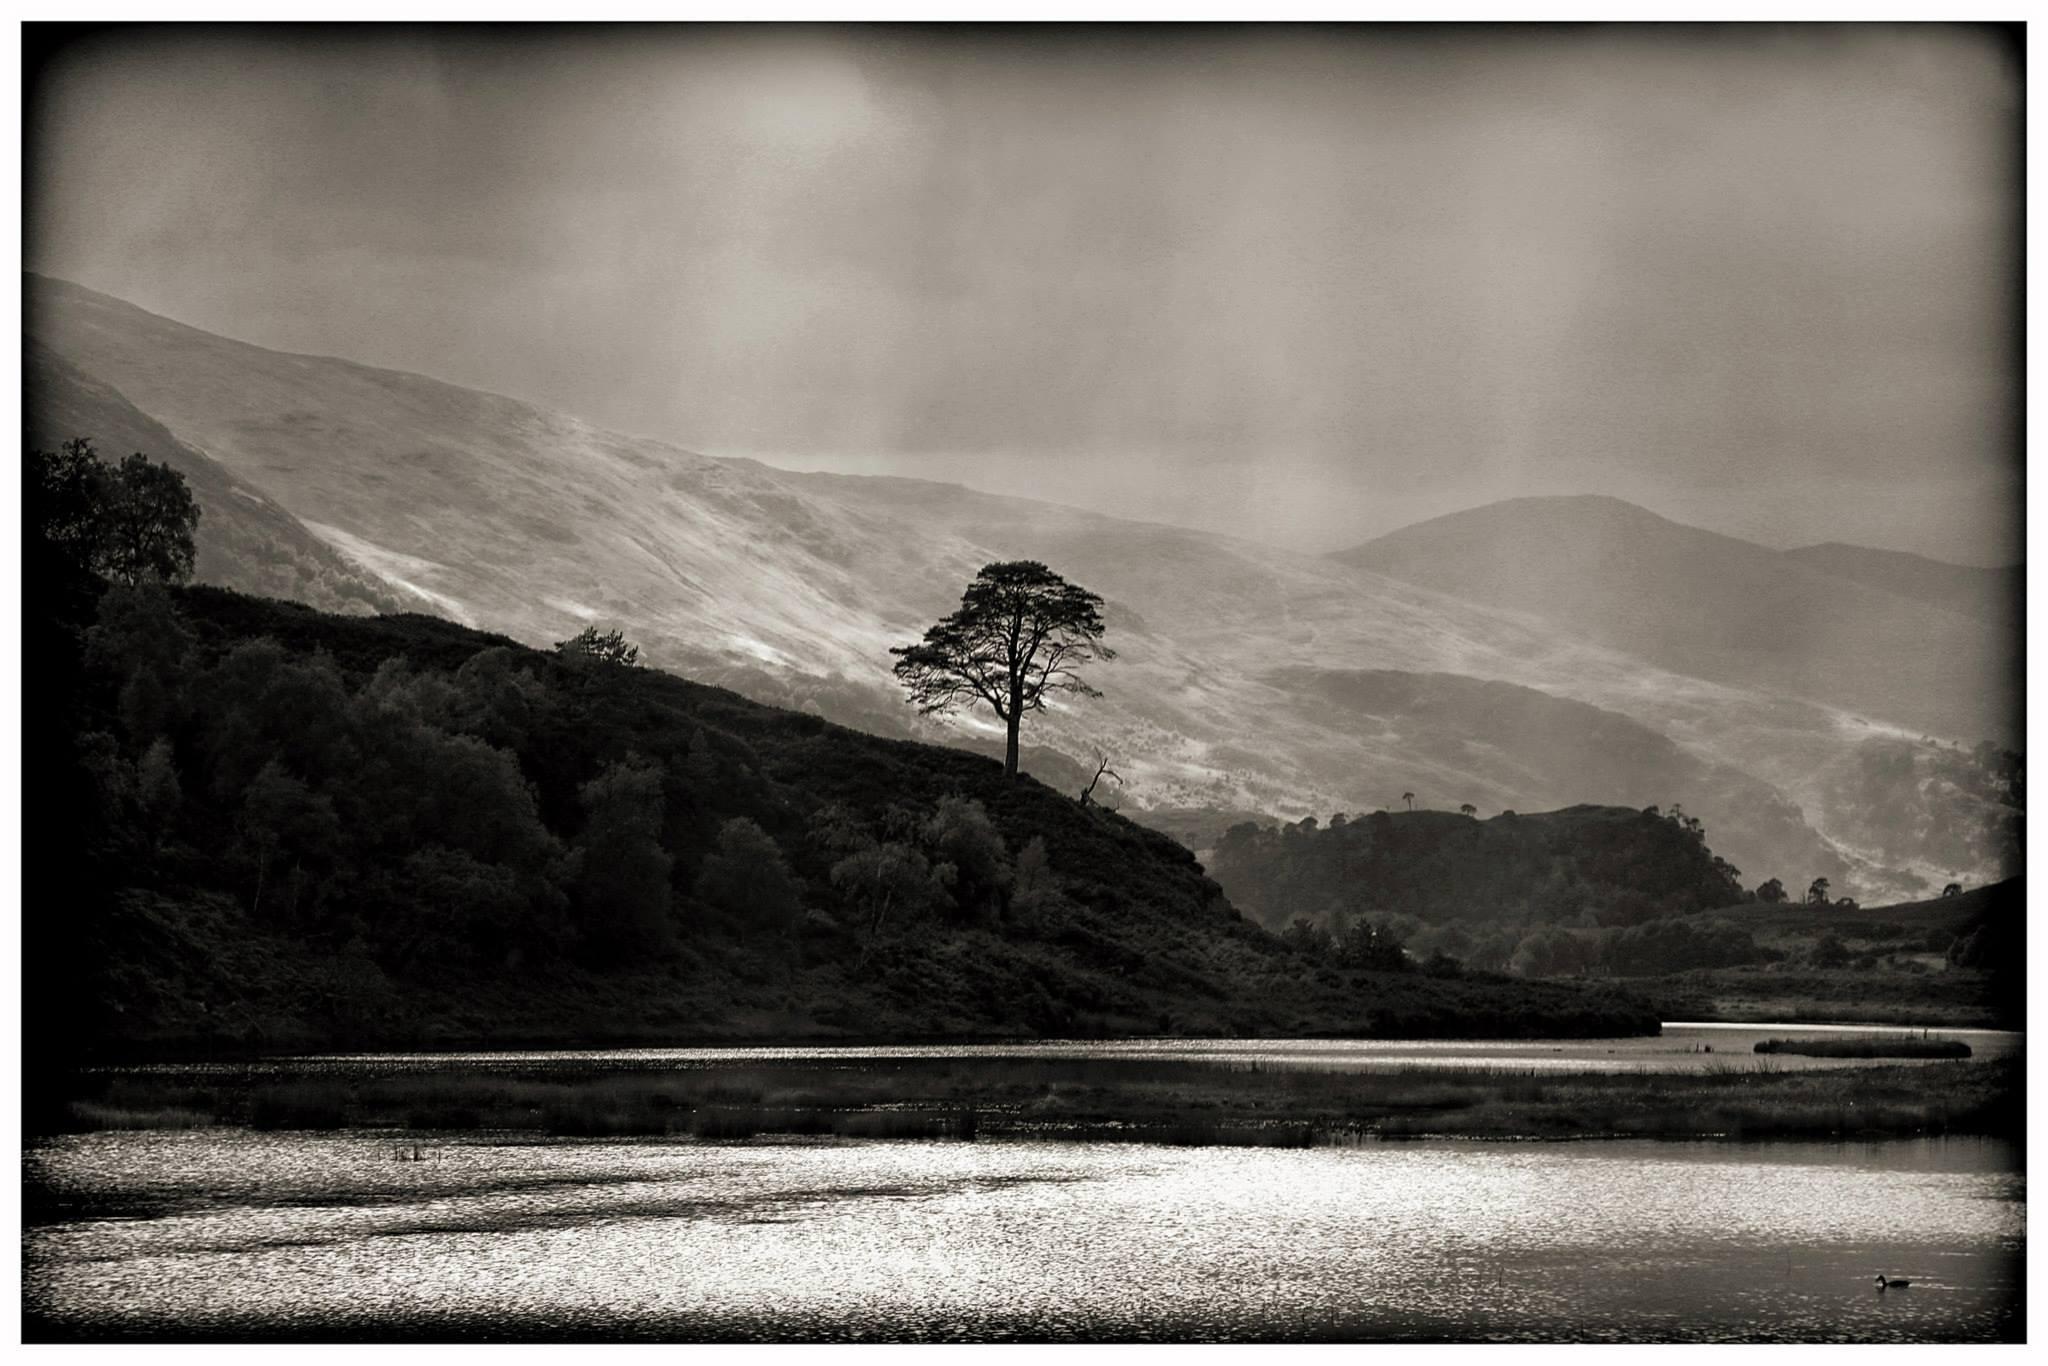 Fotos gratis paisaje rbol rock monta a nube en blanco y negro fotograf a lago - Blanco y negro paint ...